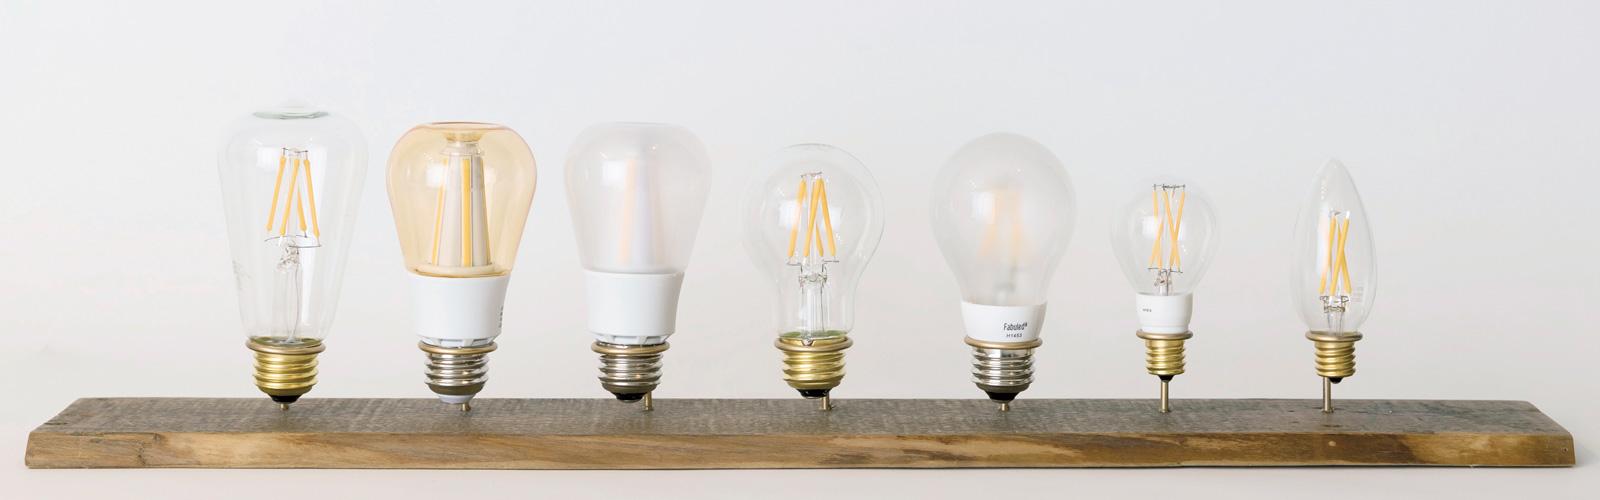 LED-lamps-halfのイメージ